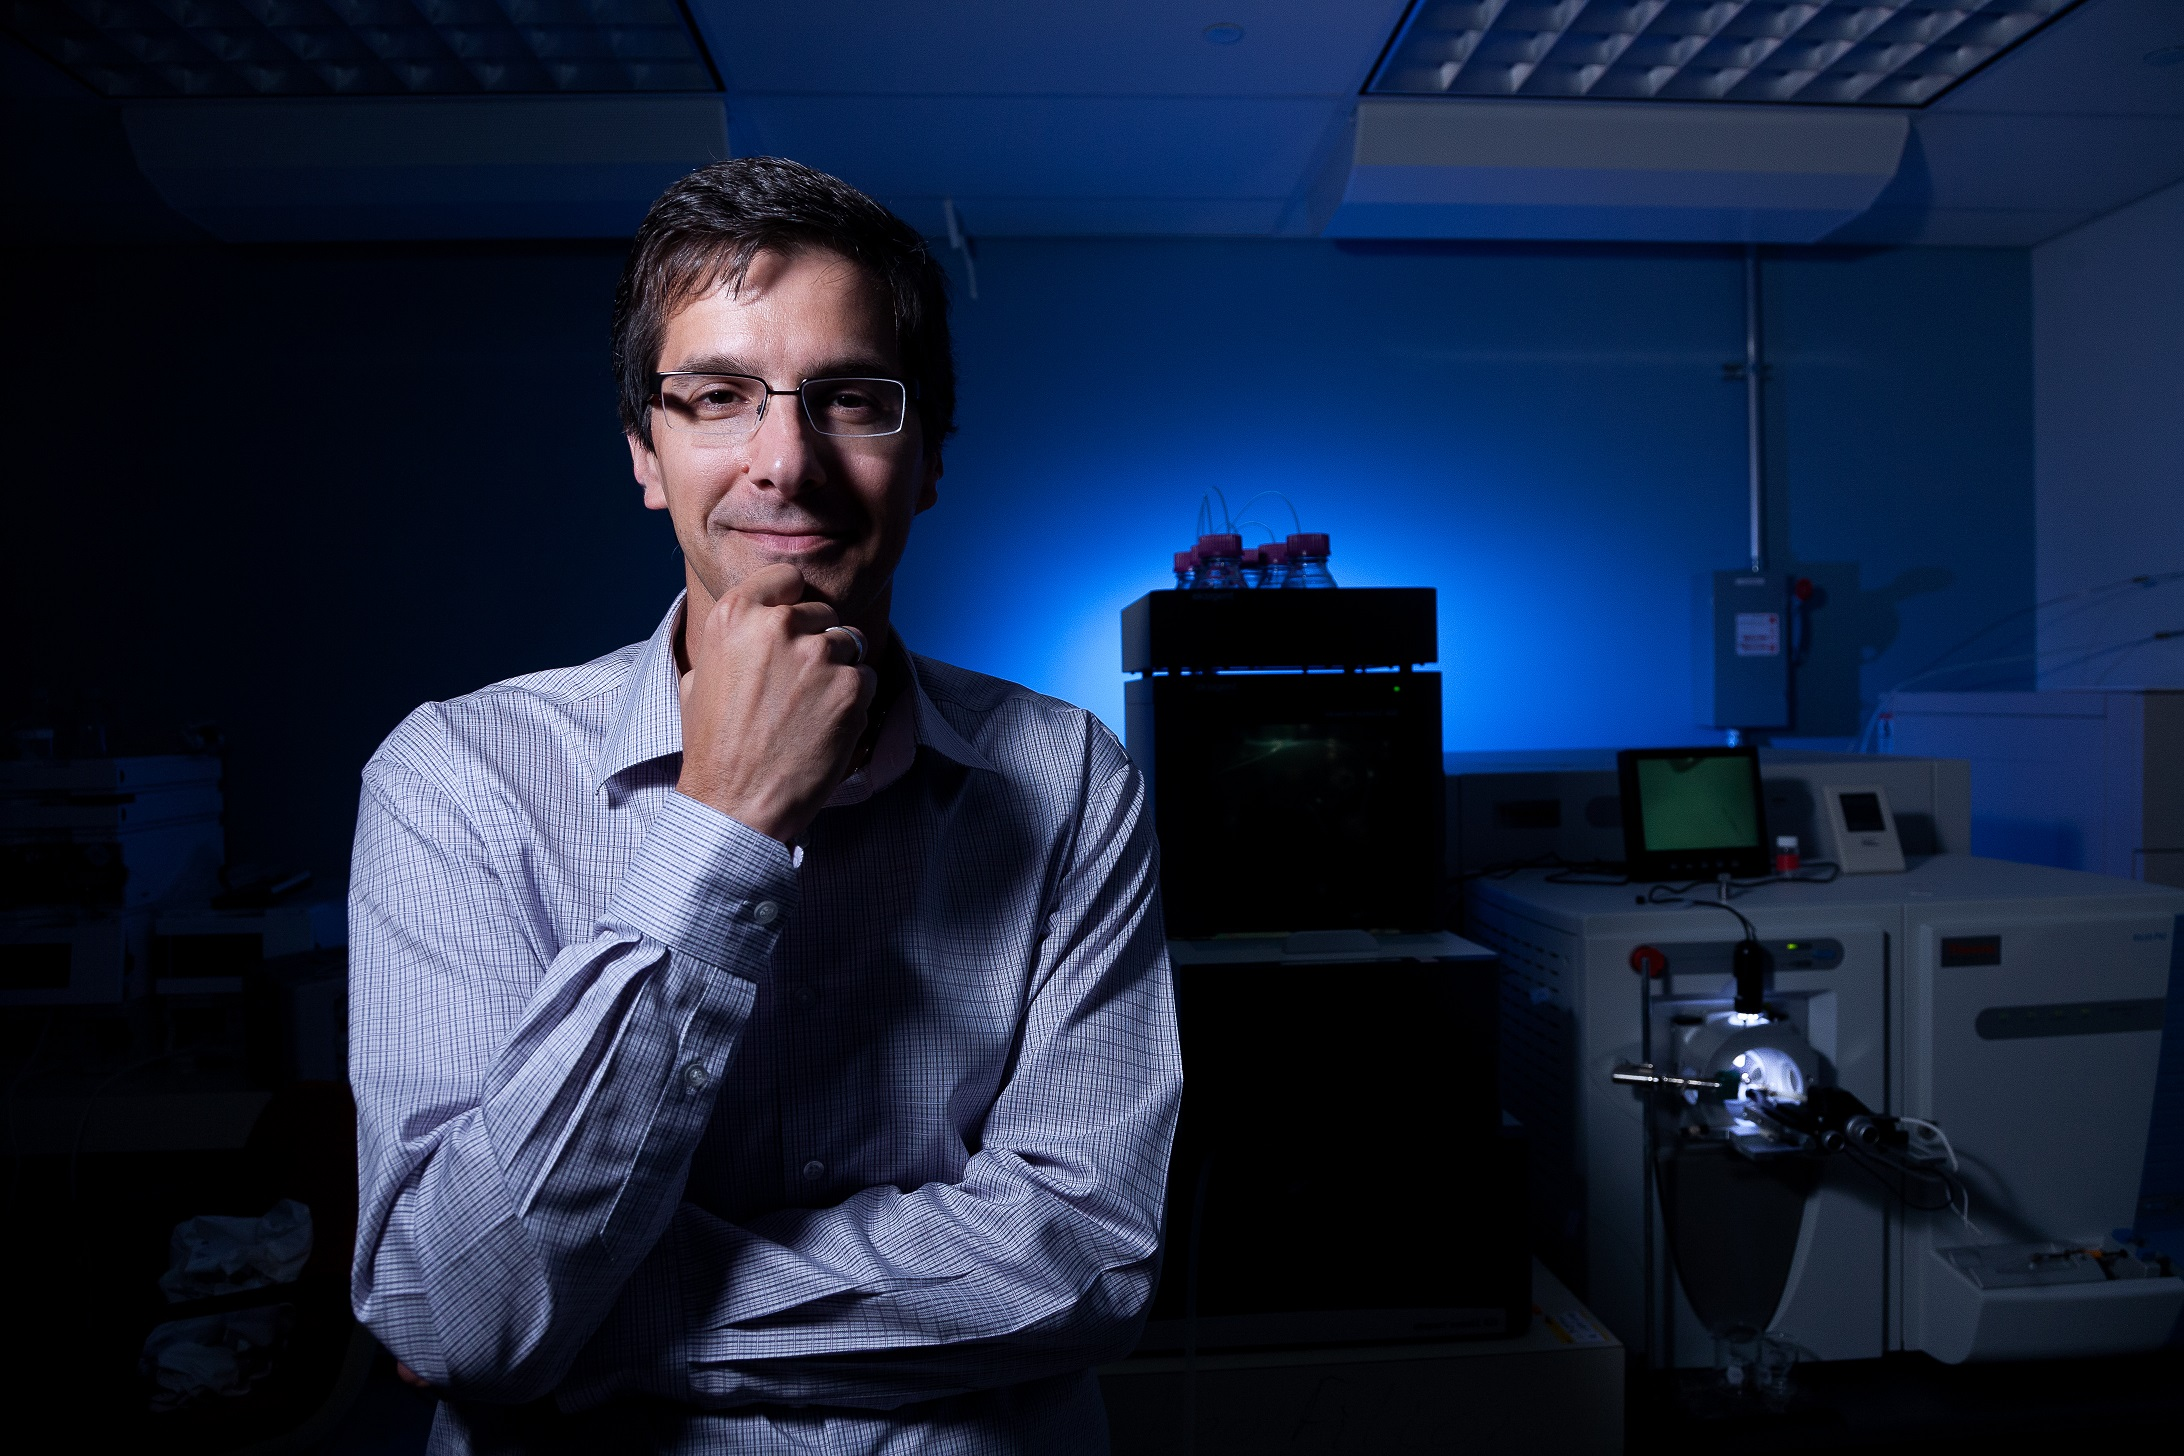 Daniel Figeys, Professeur uOttawa debout à coté d'équipements haute technologie.